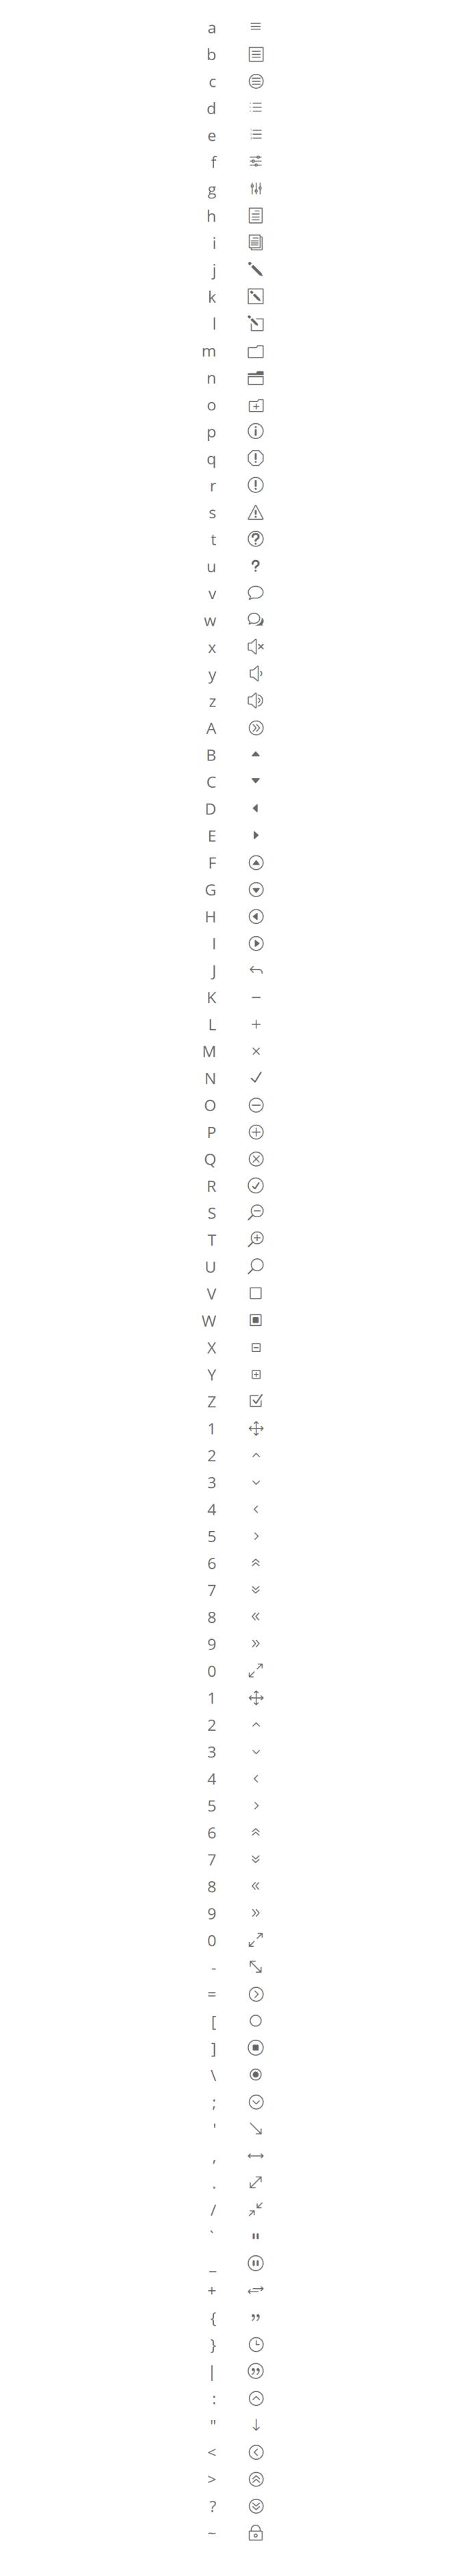 danh sách các biểu tượng có sẵn divi.png